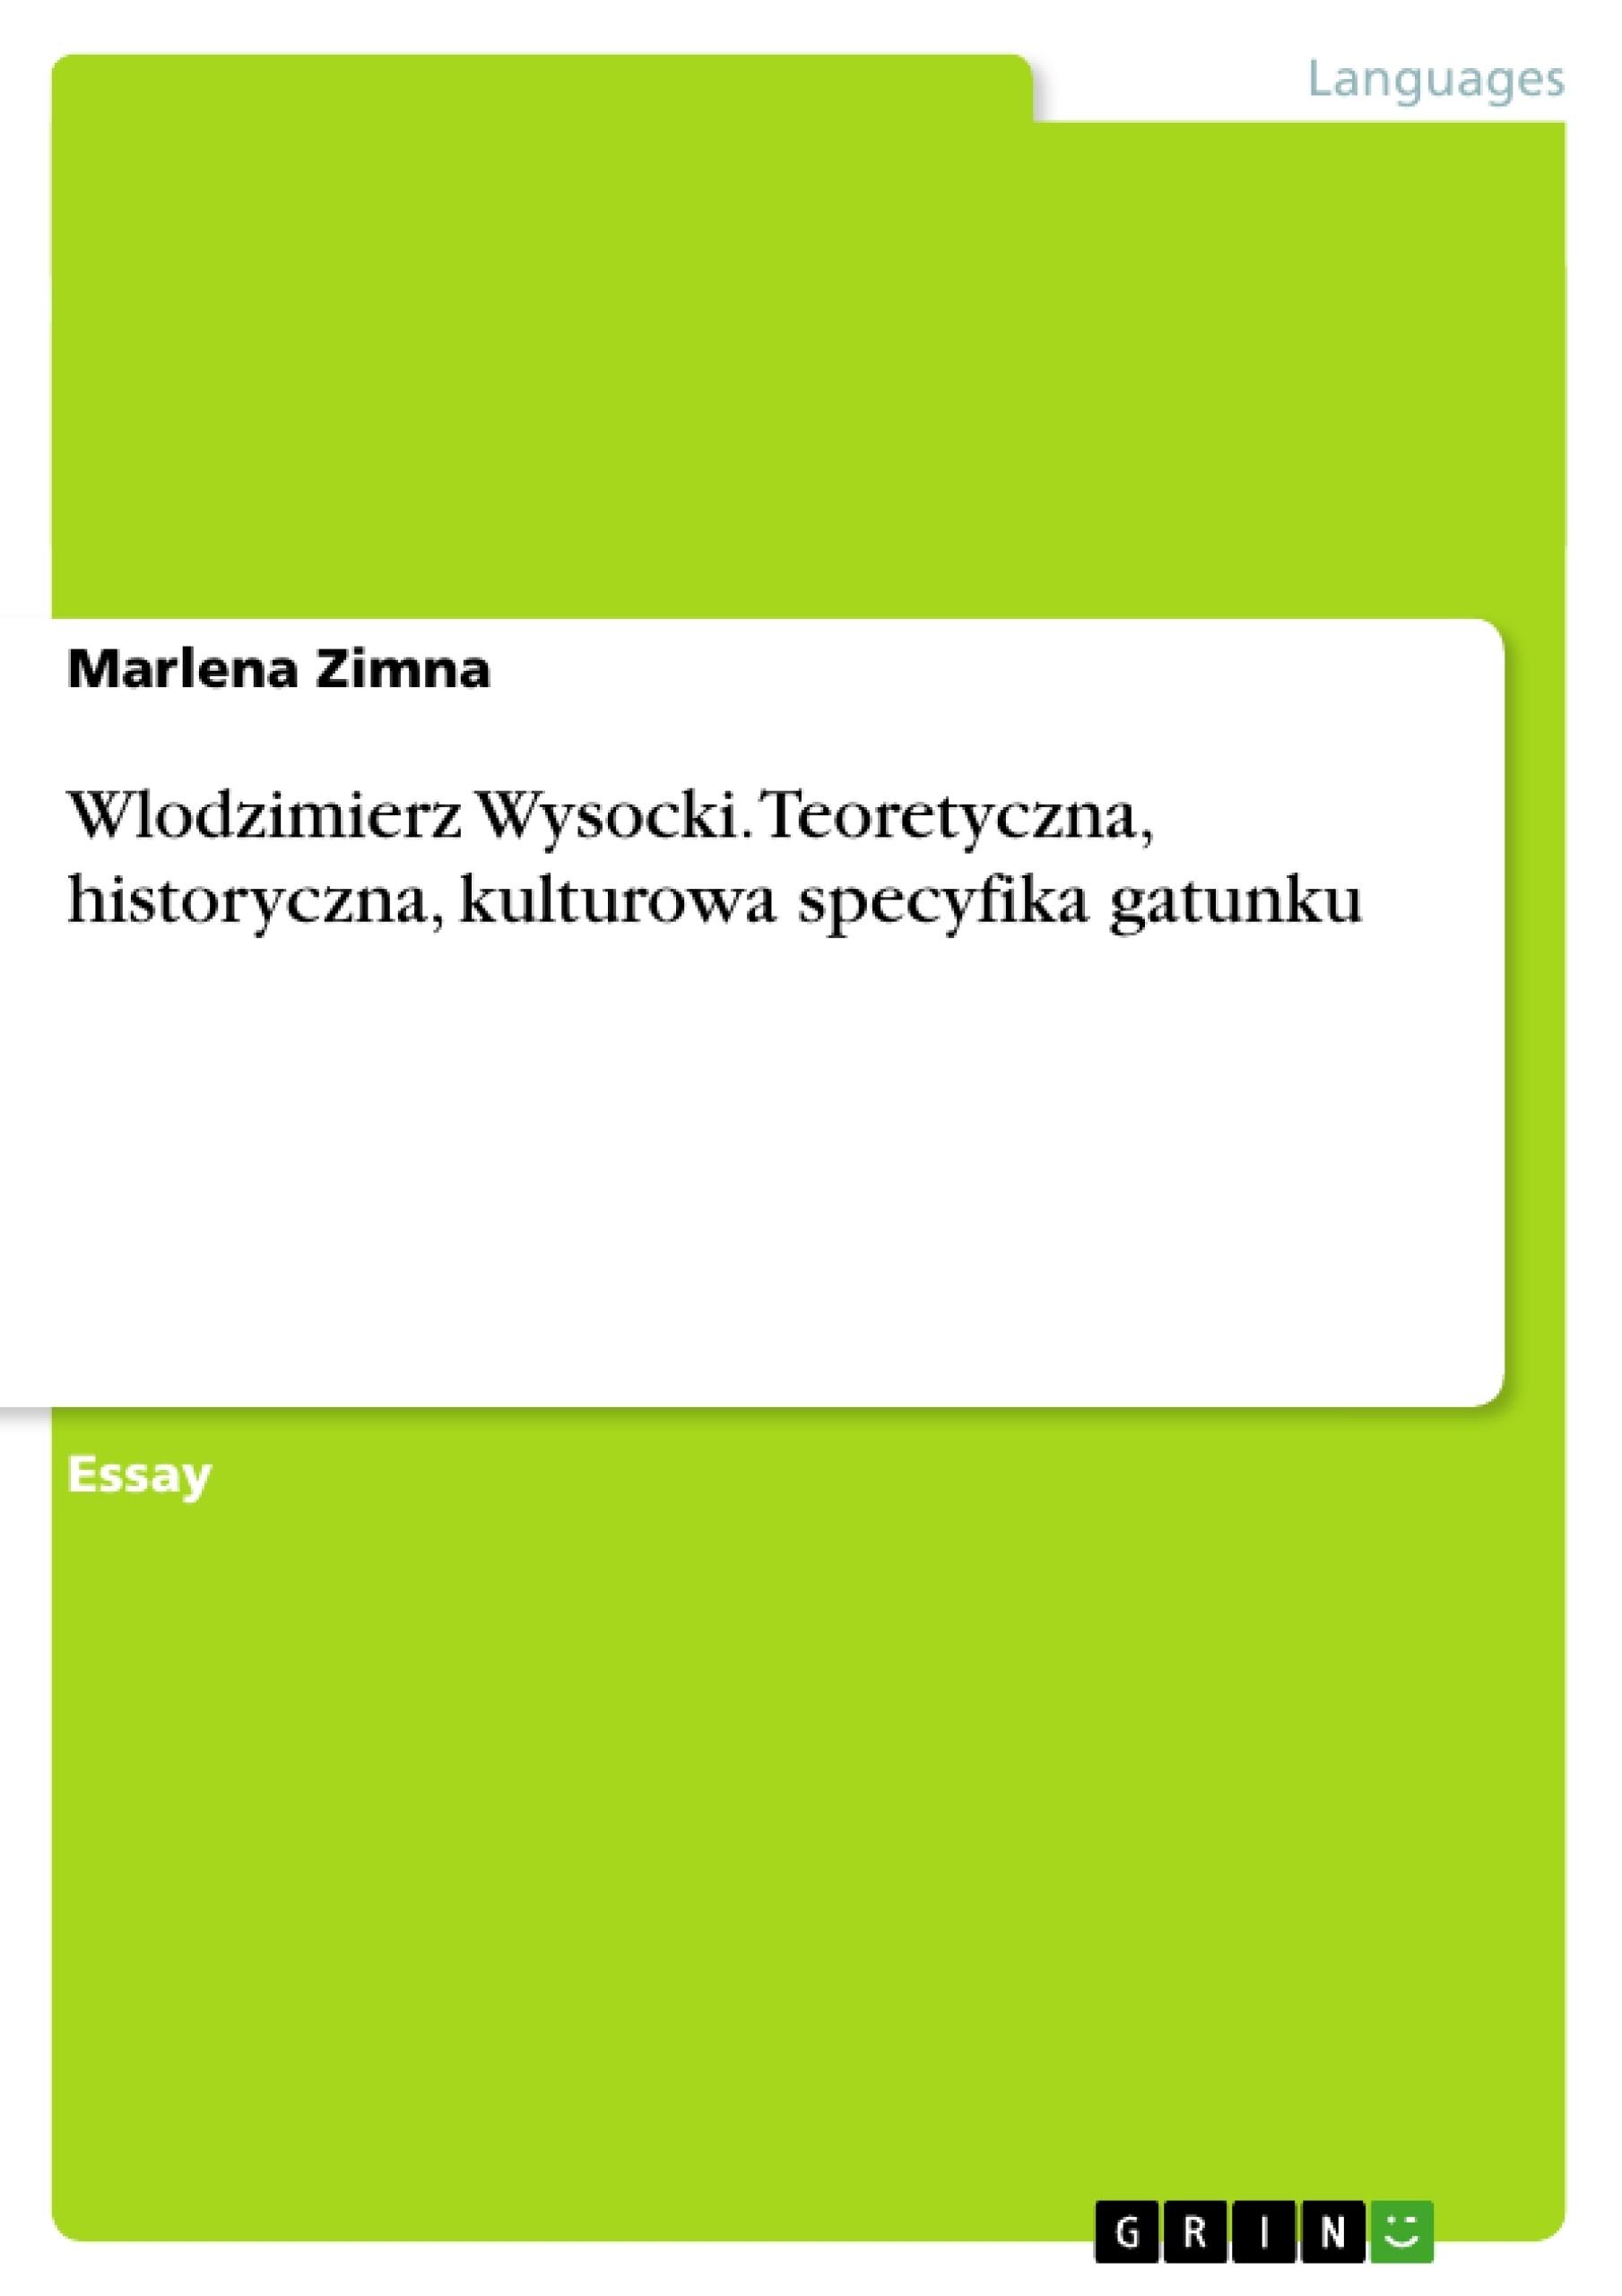 Title: Wlodzimierz Wysocki. Teoretyczna, historyczna, kulturowa specyfika gatunku